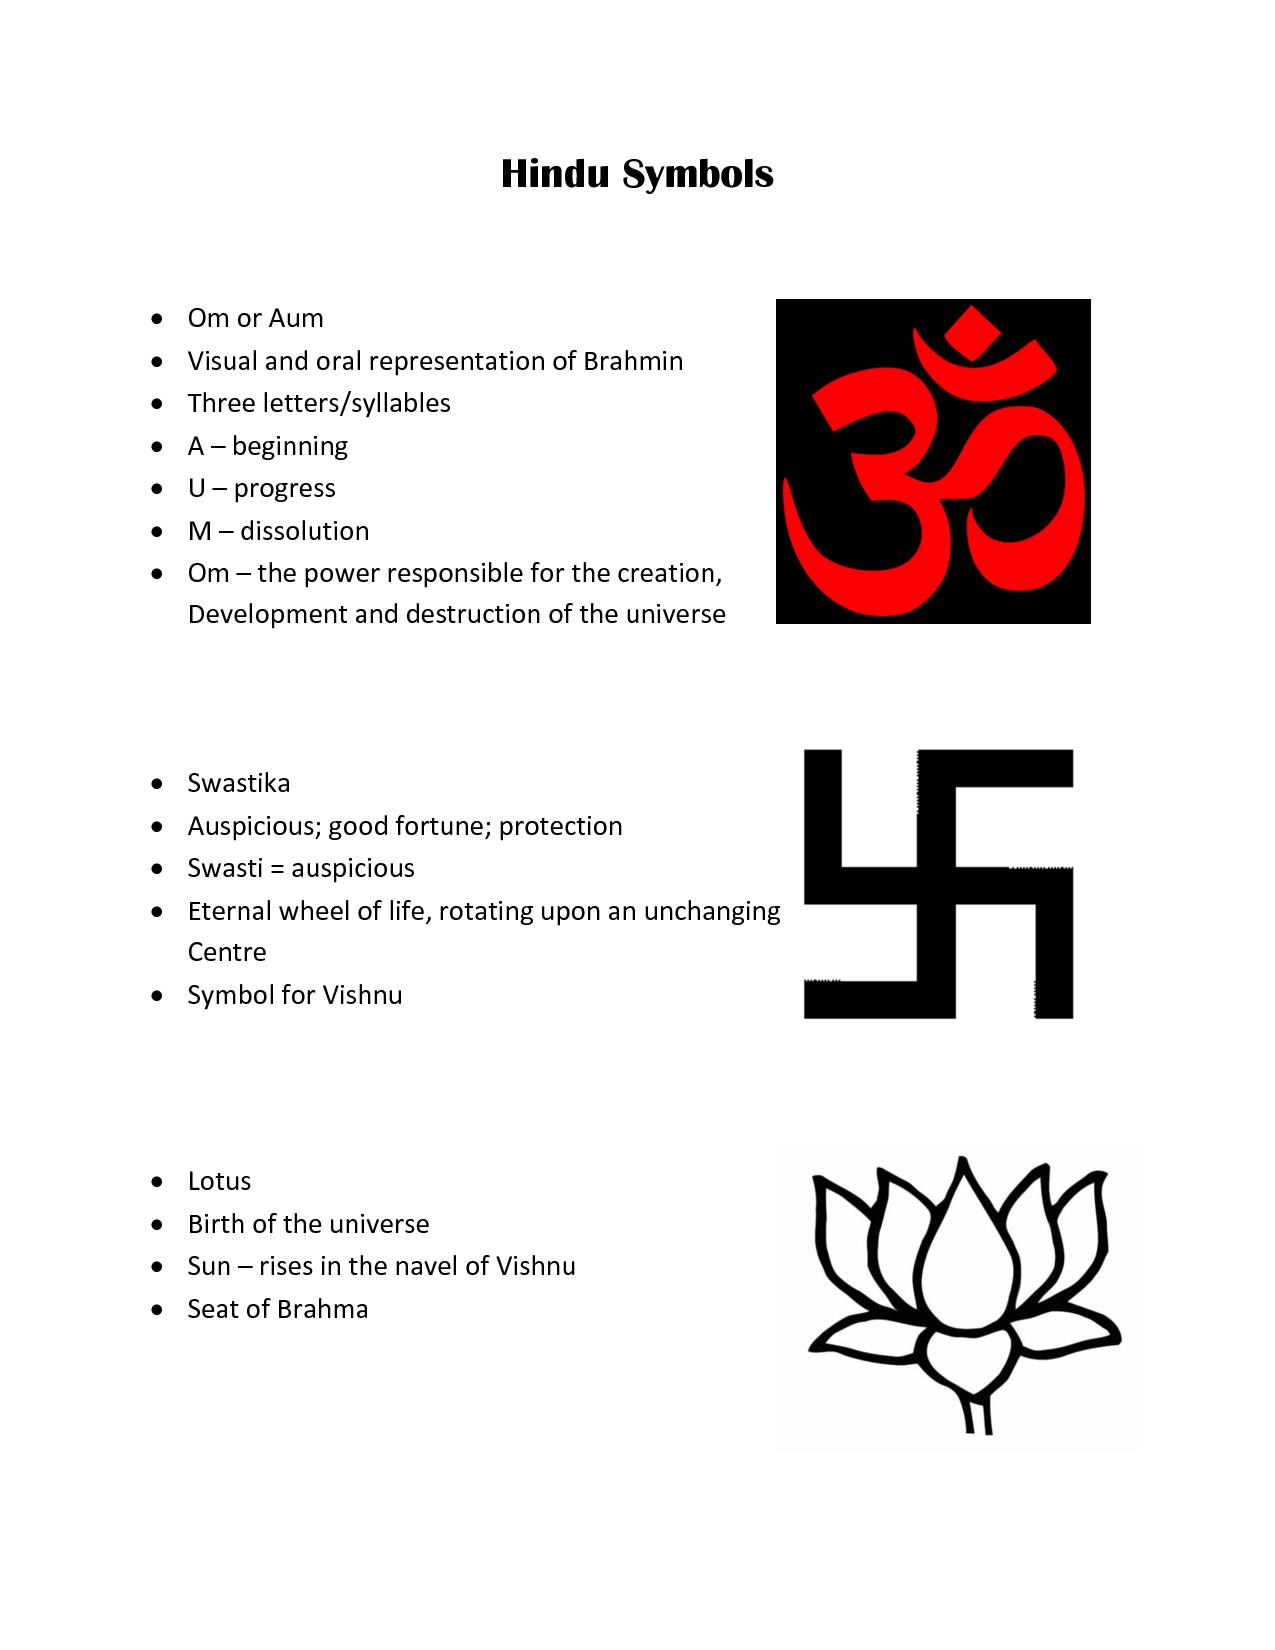 Hindu Symbols | Hindu Symbols - ClassNet | Symbols of hinduism ...